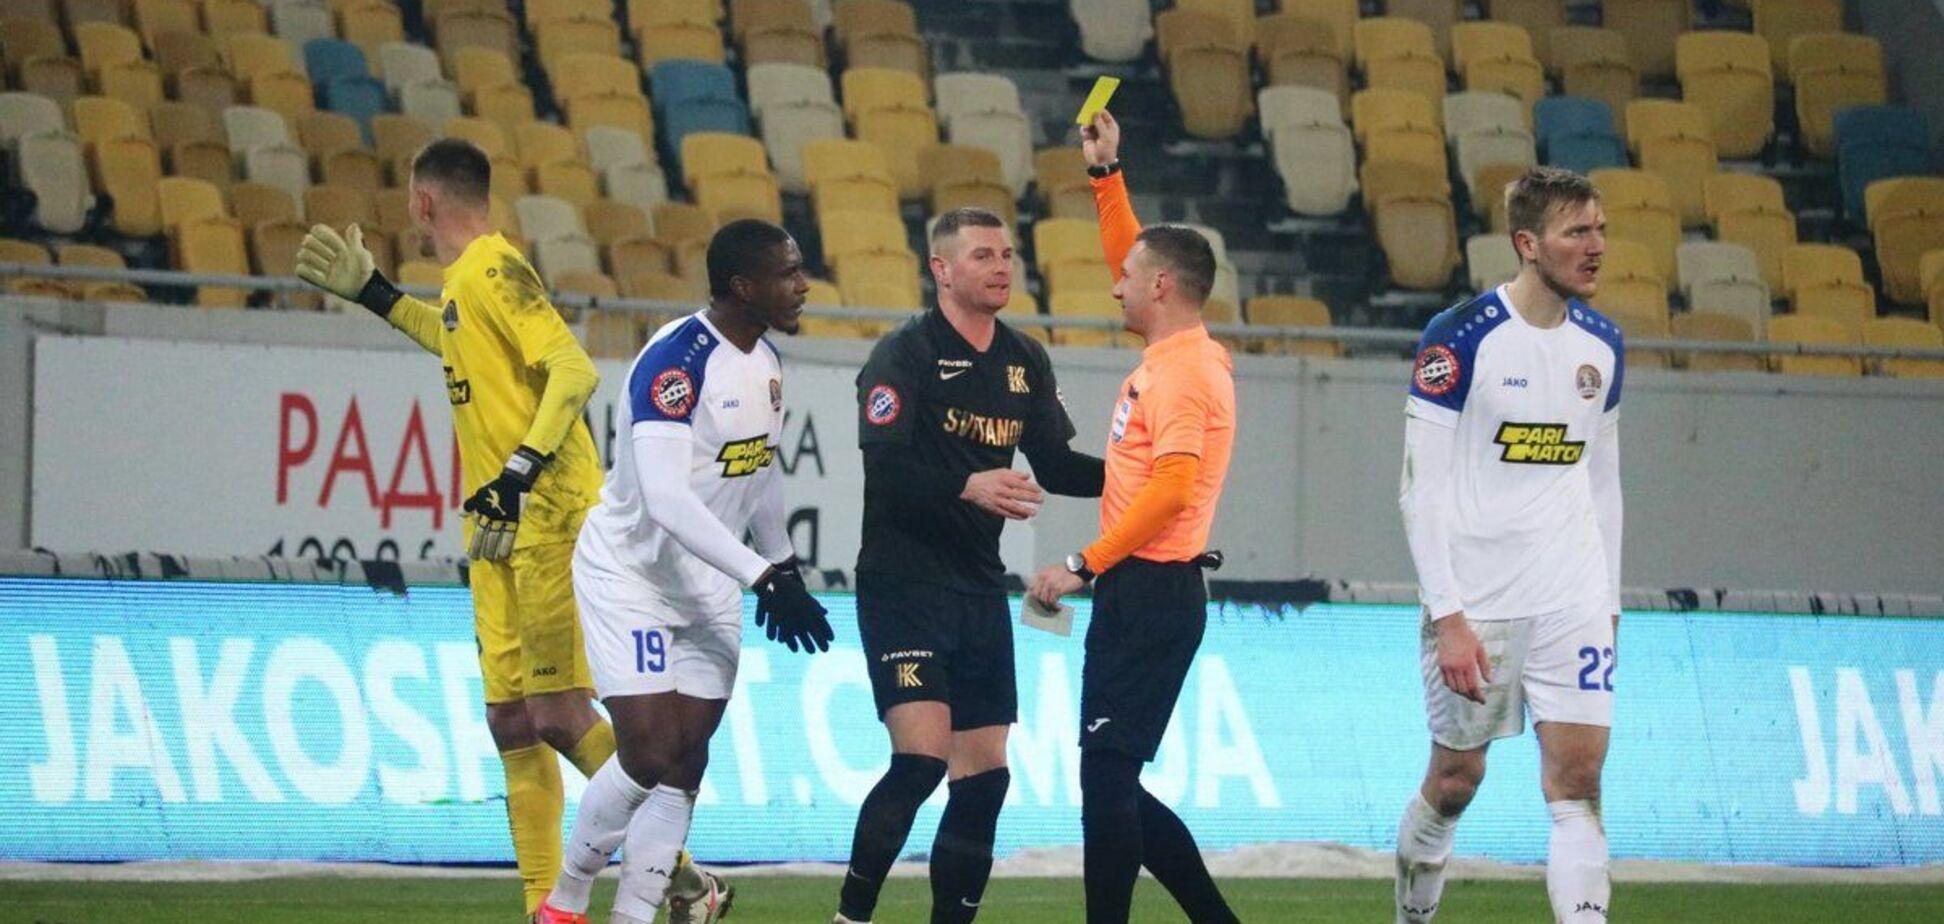 Главный арбитр матча 'Львов' - 'Колос' показал одному из игроков желтую карточку